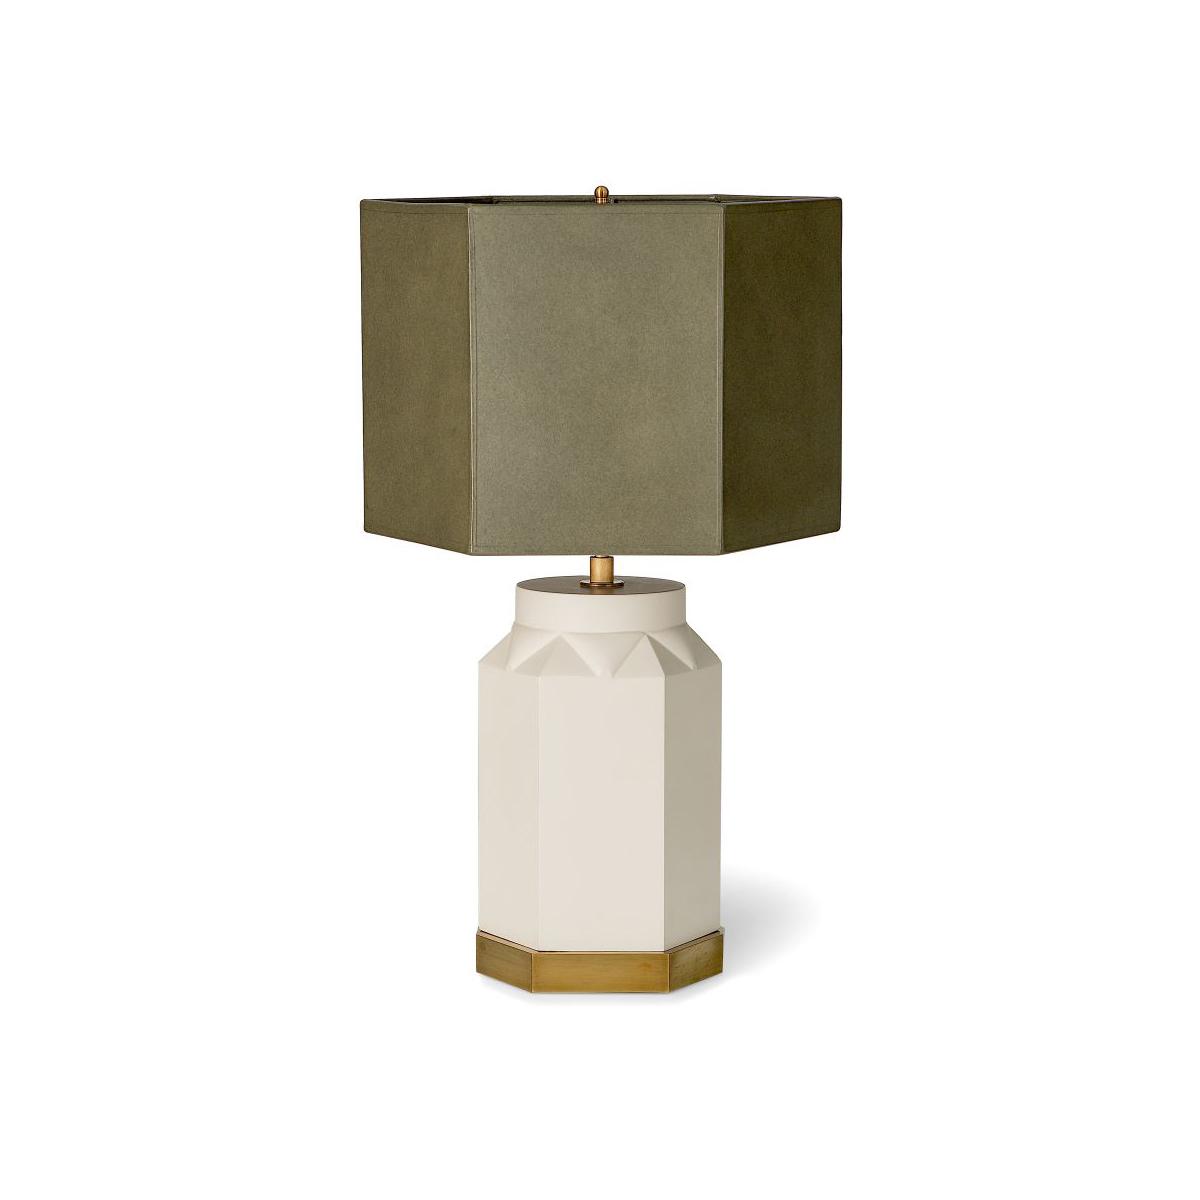 Hexa Table Lamp by Jean De Merry